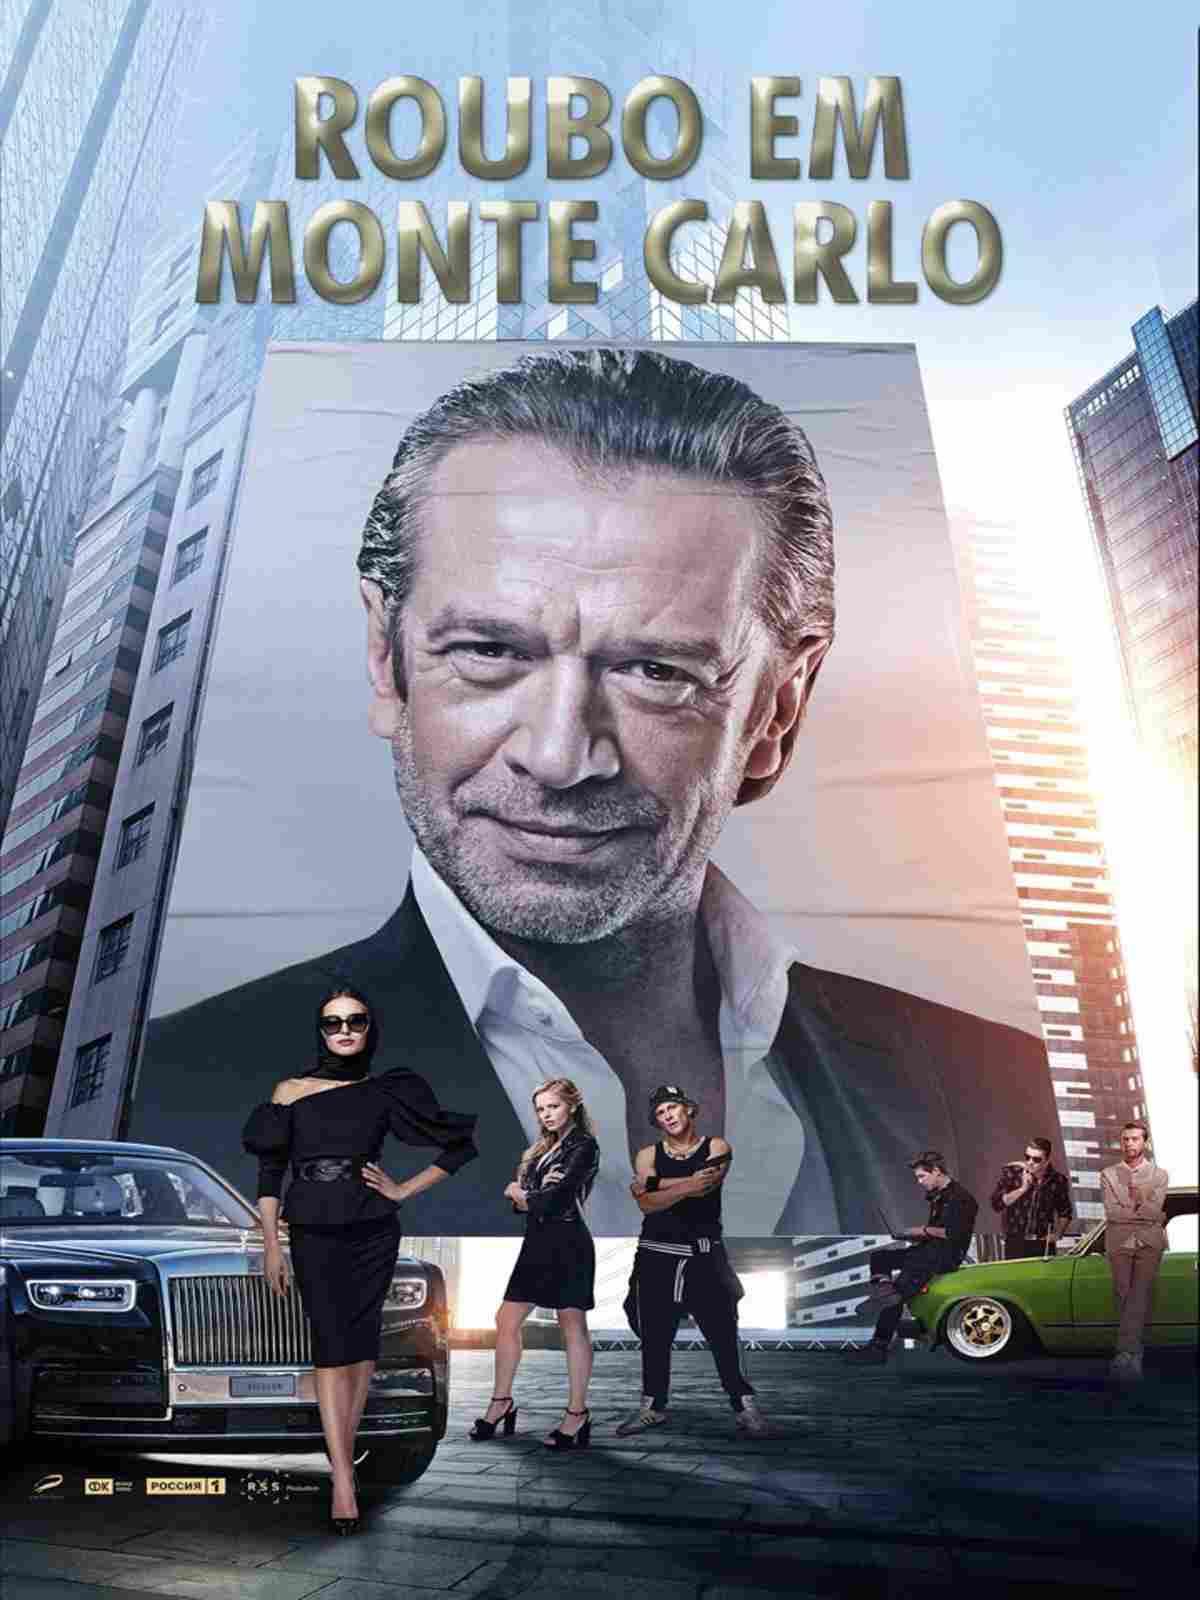 Baixar Roubo em Monte Carlo Torrent Dublado - BluRay 720p/1080p